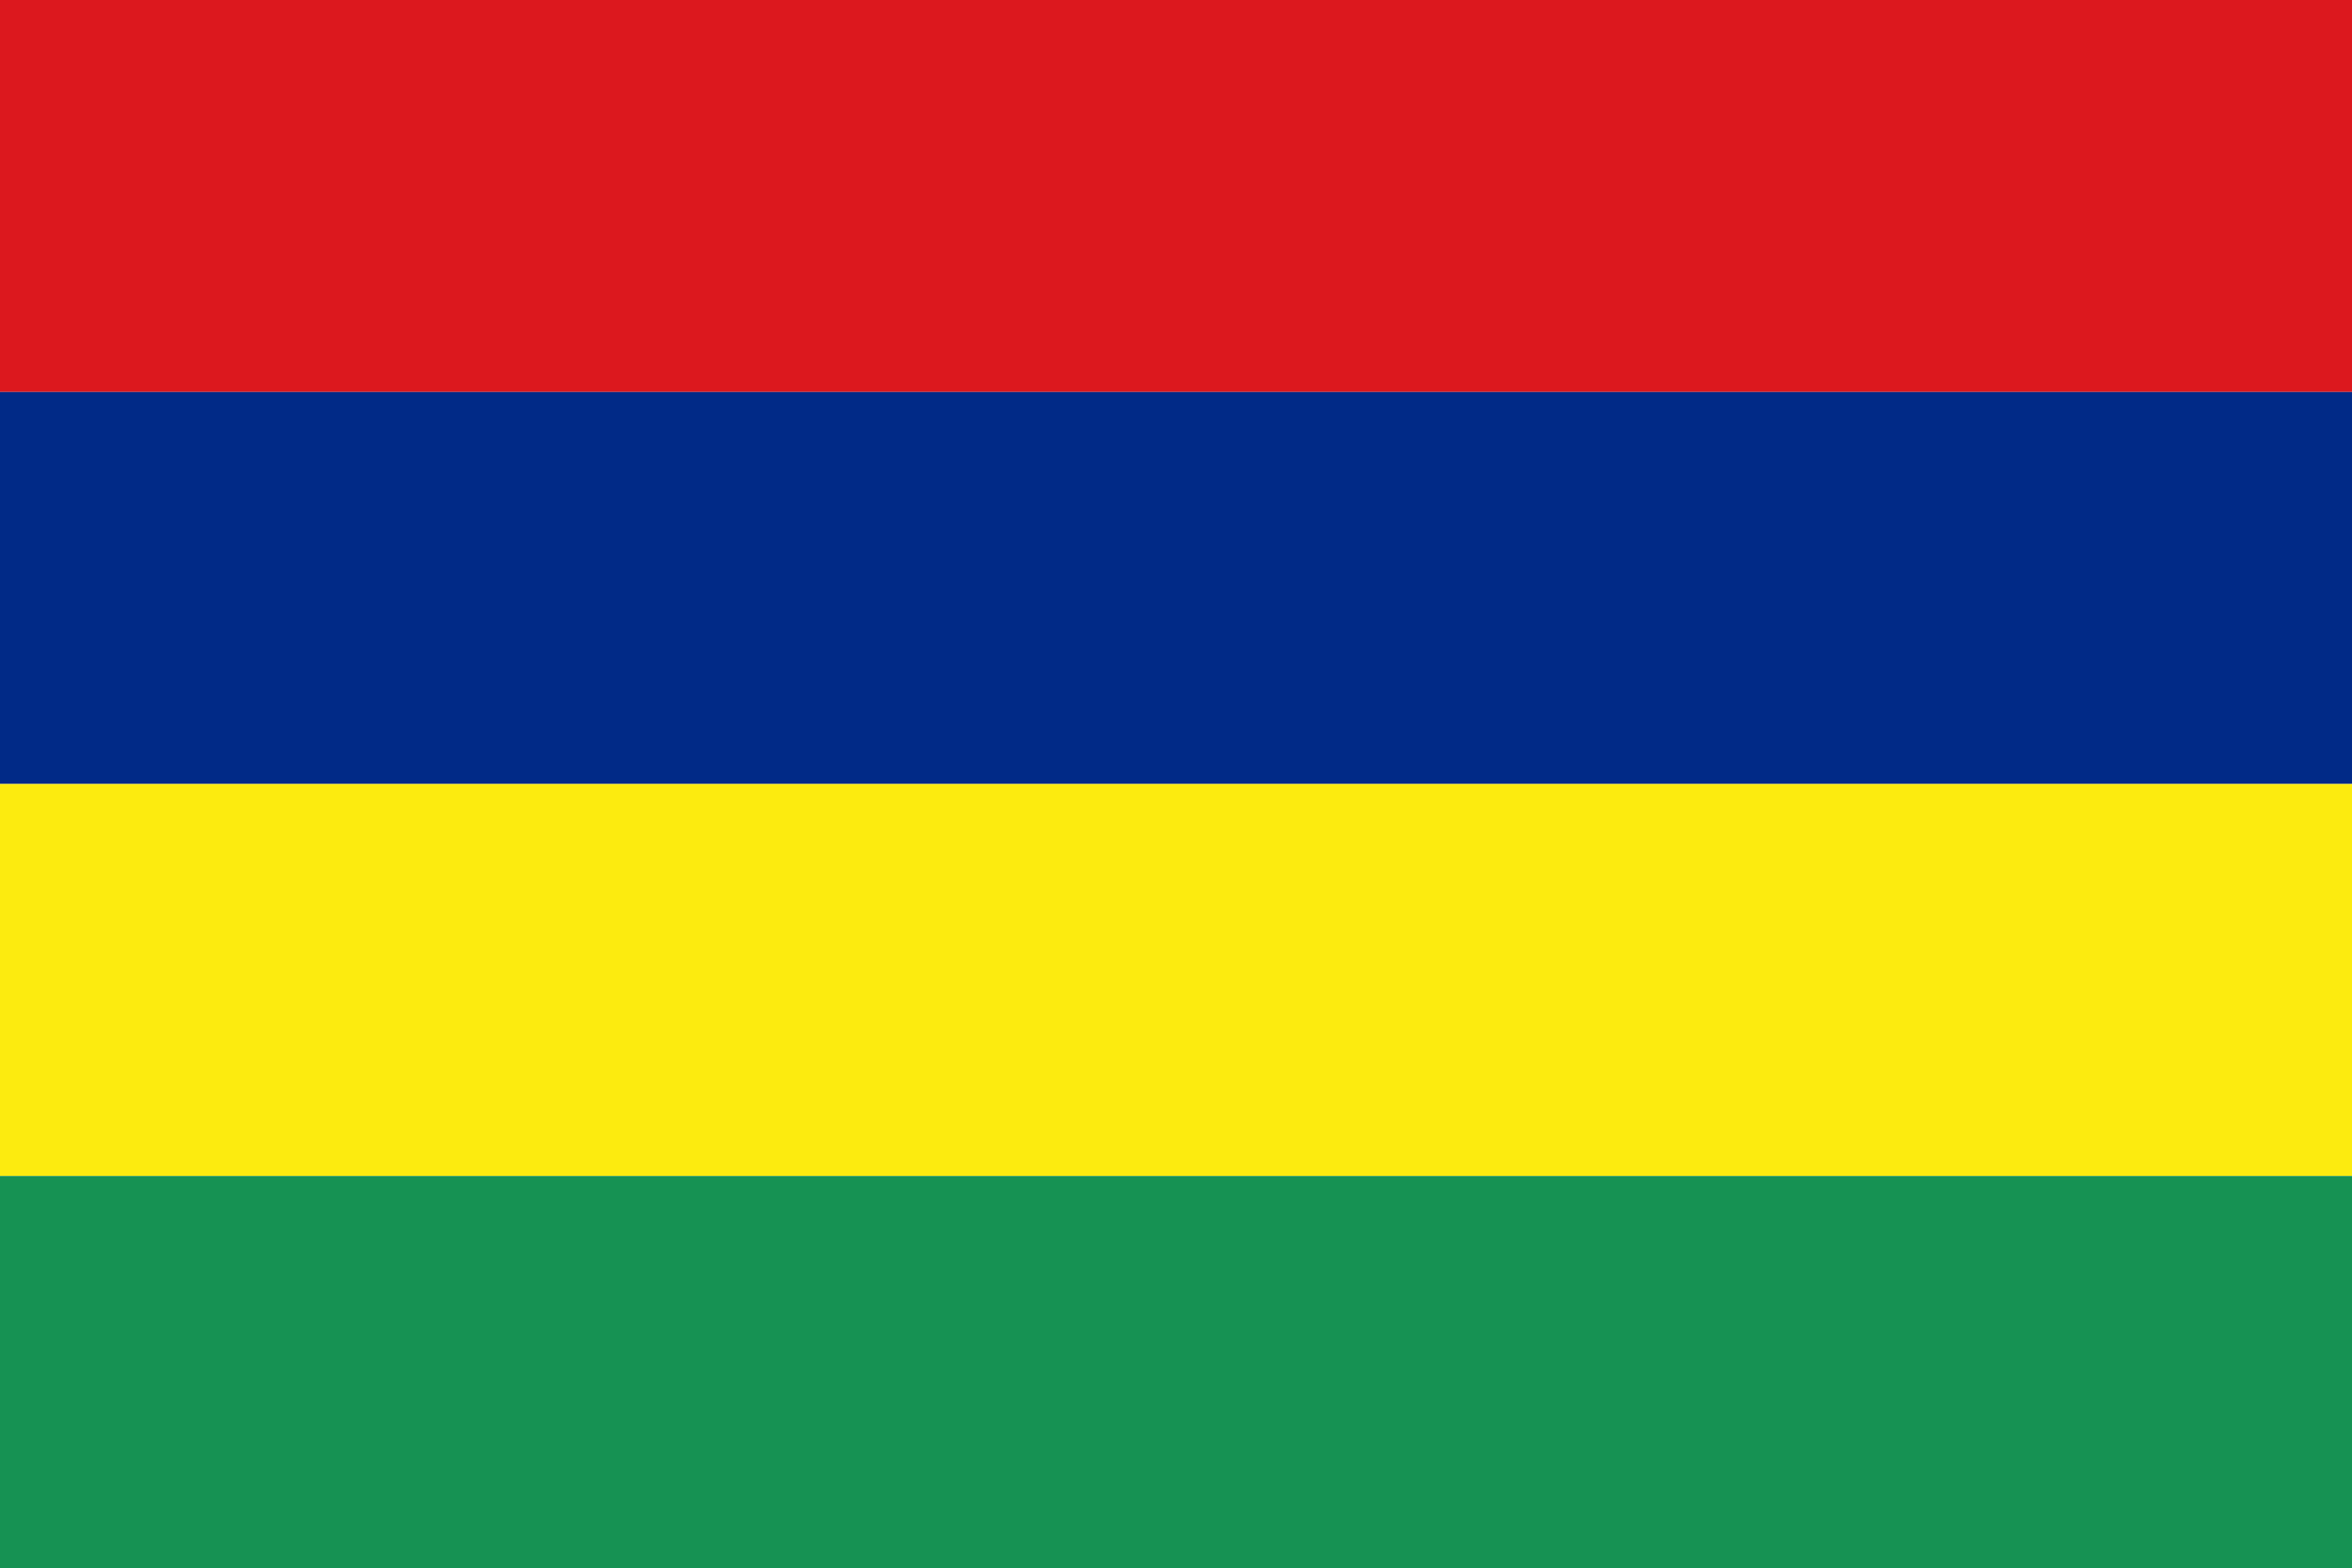 Mauricio, país, Brasão de armas, logotipo, símbolo - Papéis de parede HD - Professor-falken.com